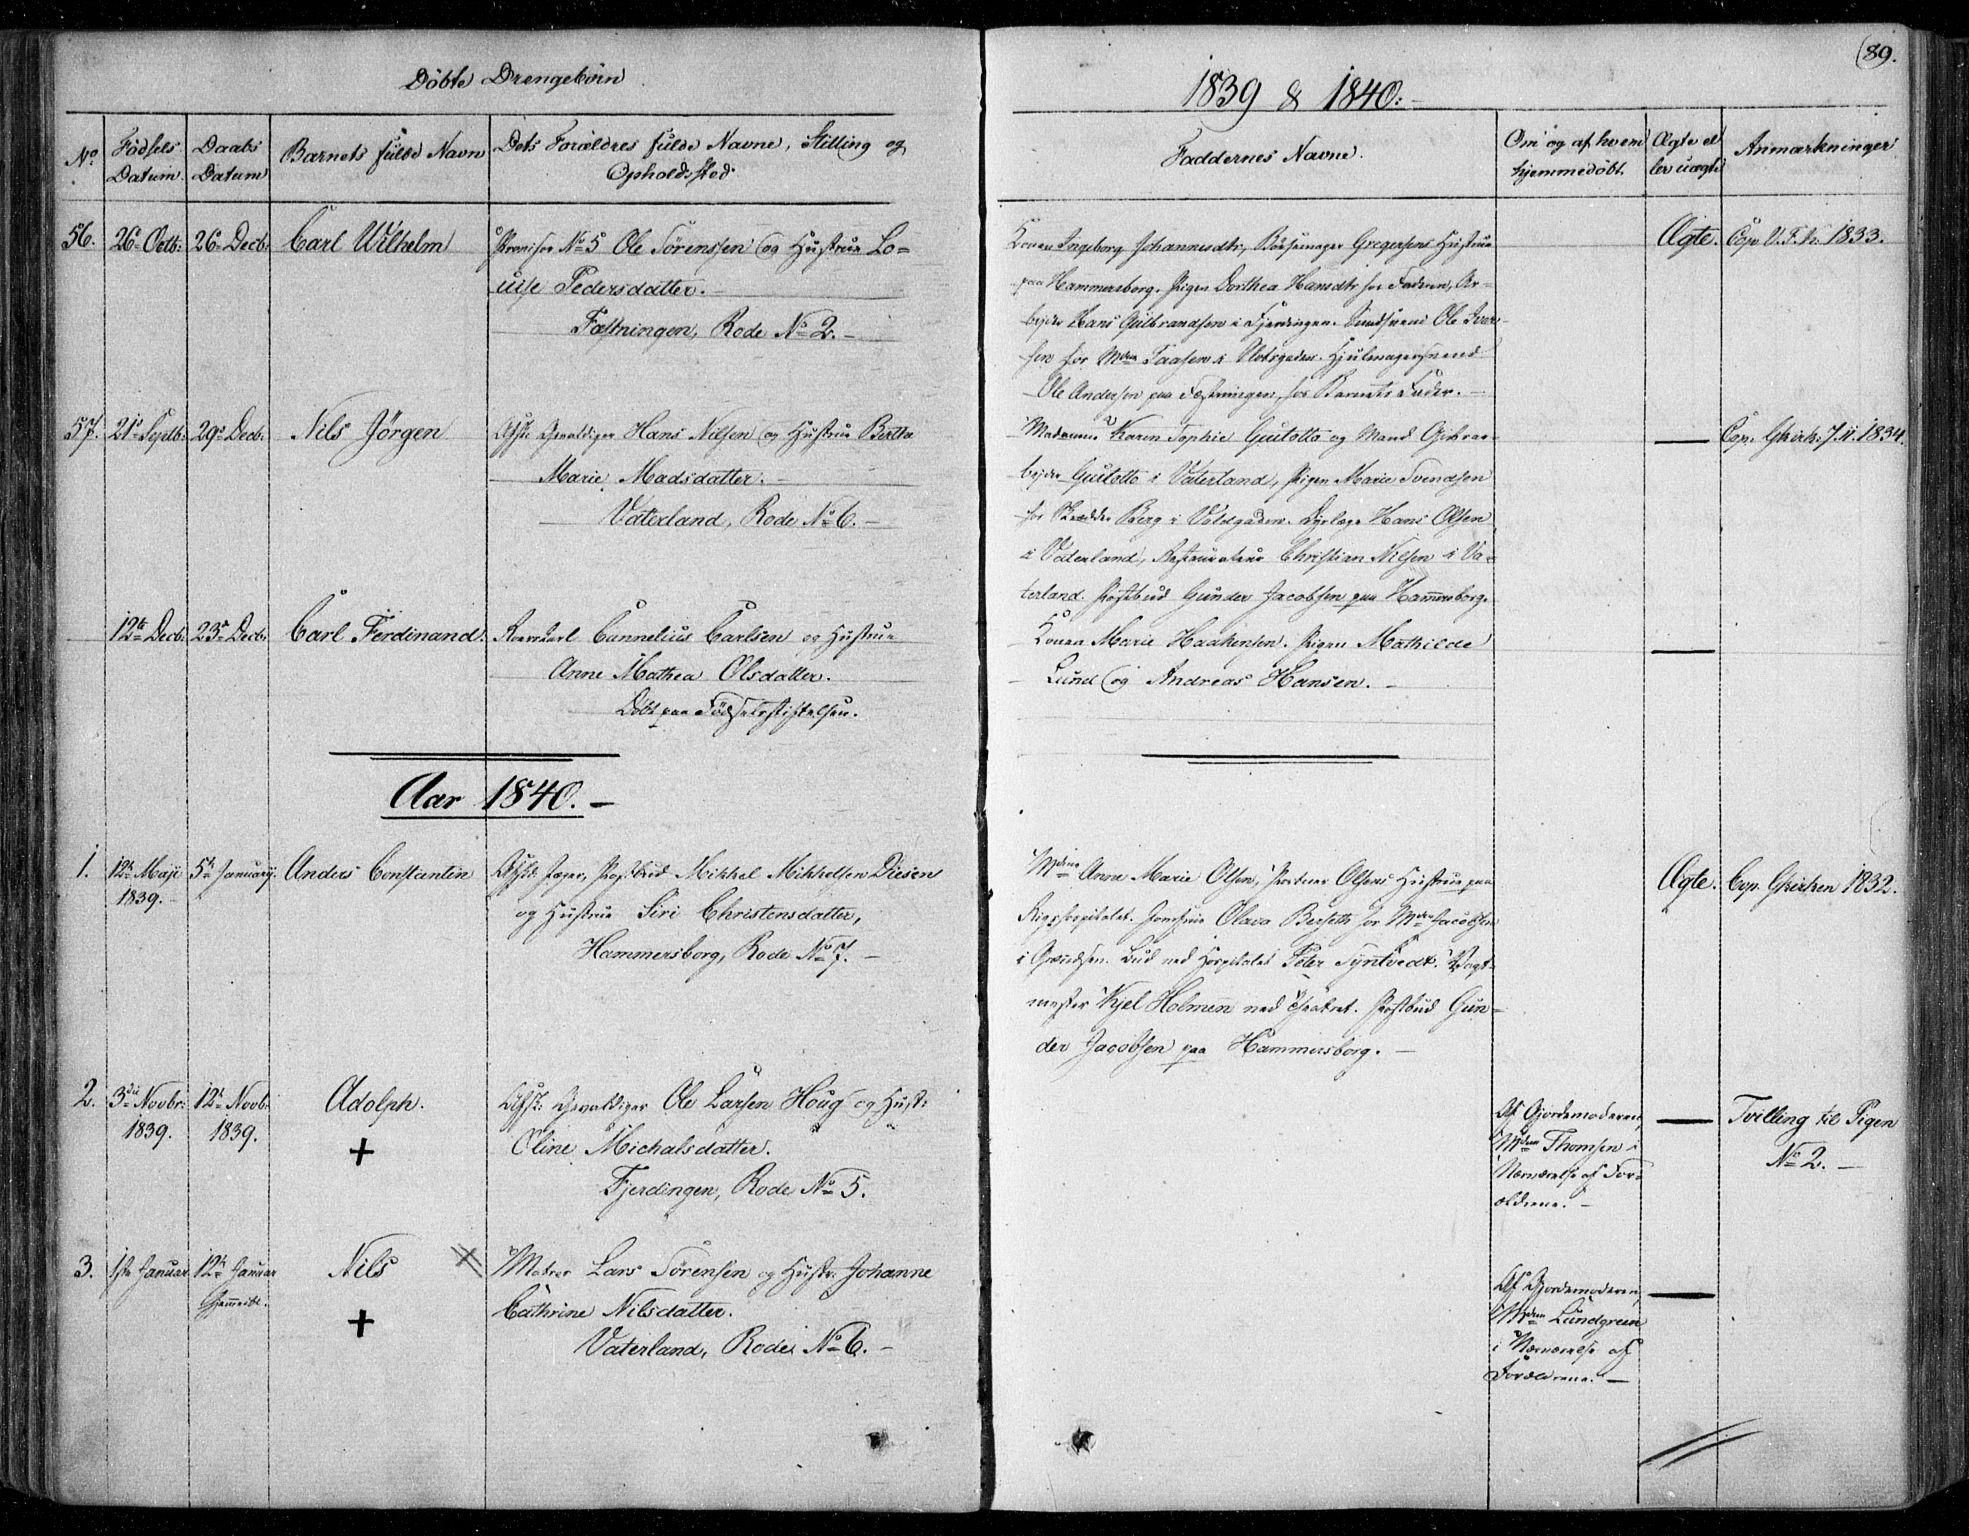 SAO, Garnisonsmenigheten Kirkebøker, F/Fa/L0006: Ministerialbok nr. 6, 1828-1841, s. 89